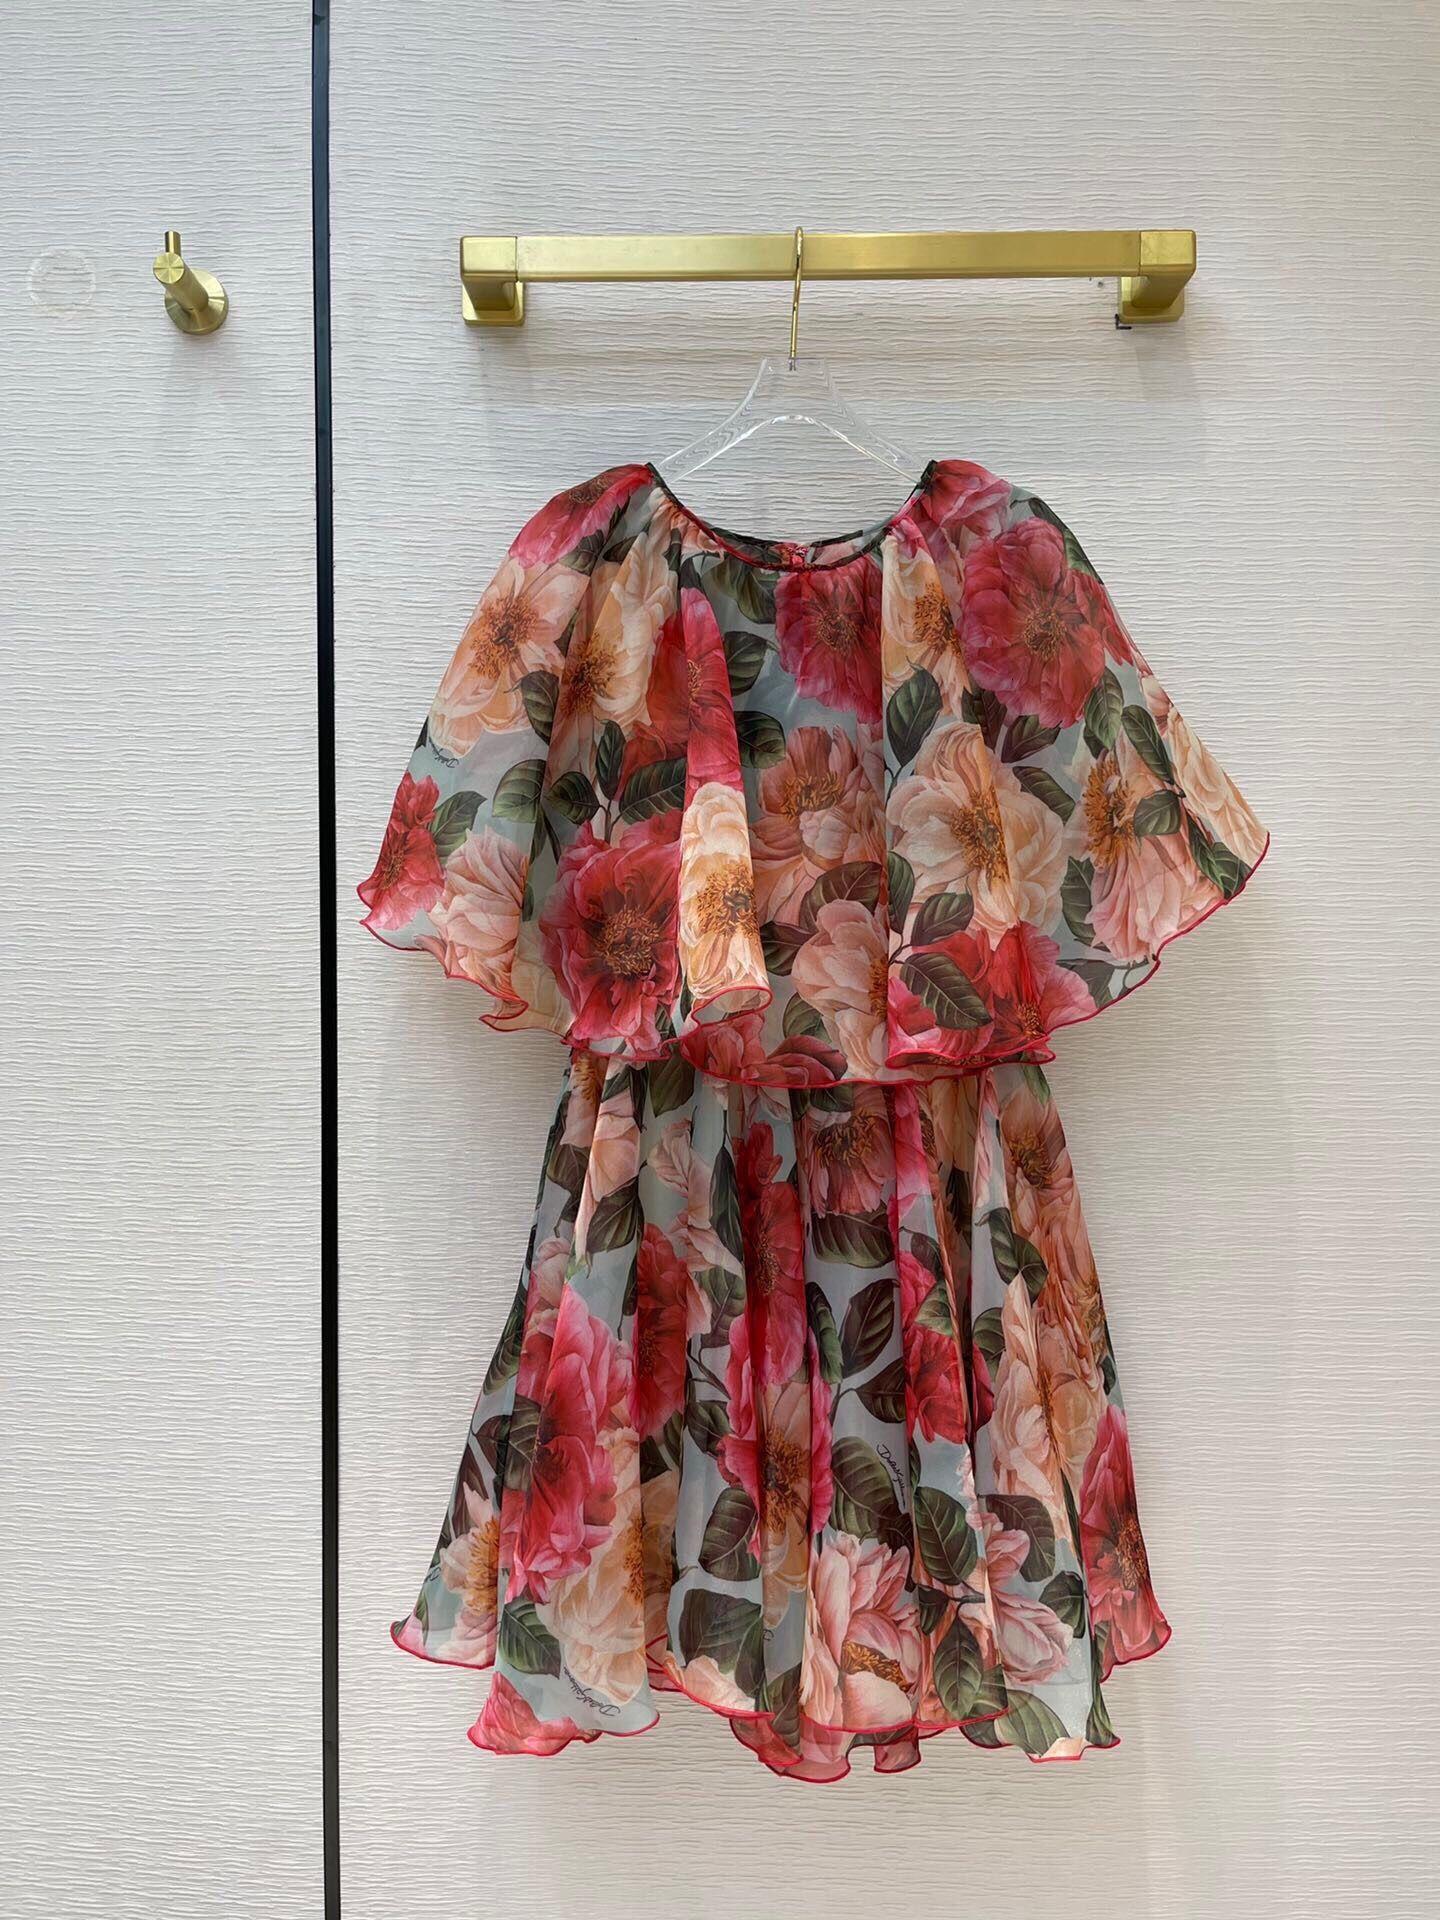 2021 novo verão mulheres vestido de seda impressão vermelho floral qualidade superior sicília linda pista de luxo a linha curta vintage império rsa8